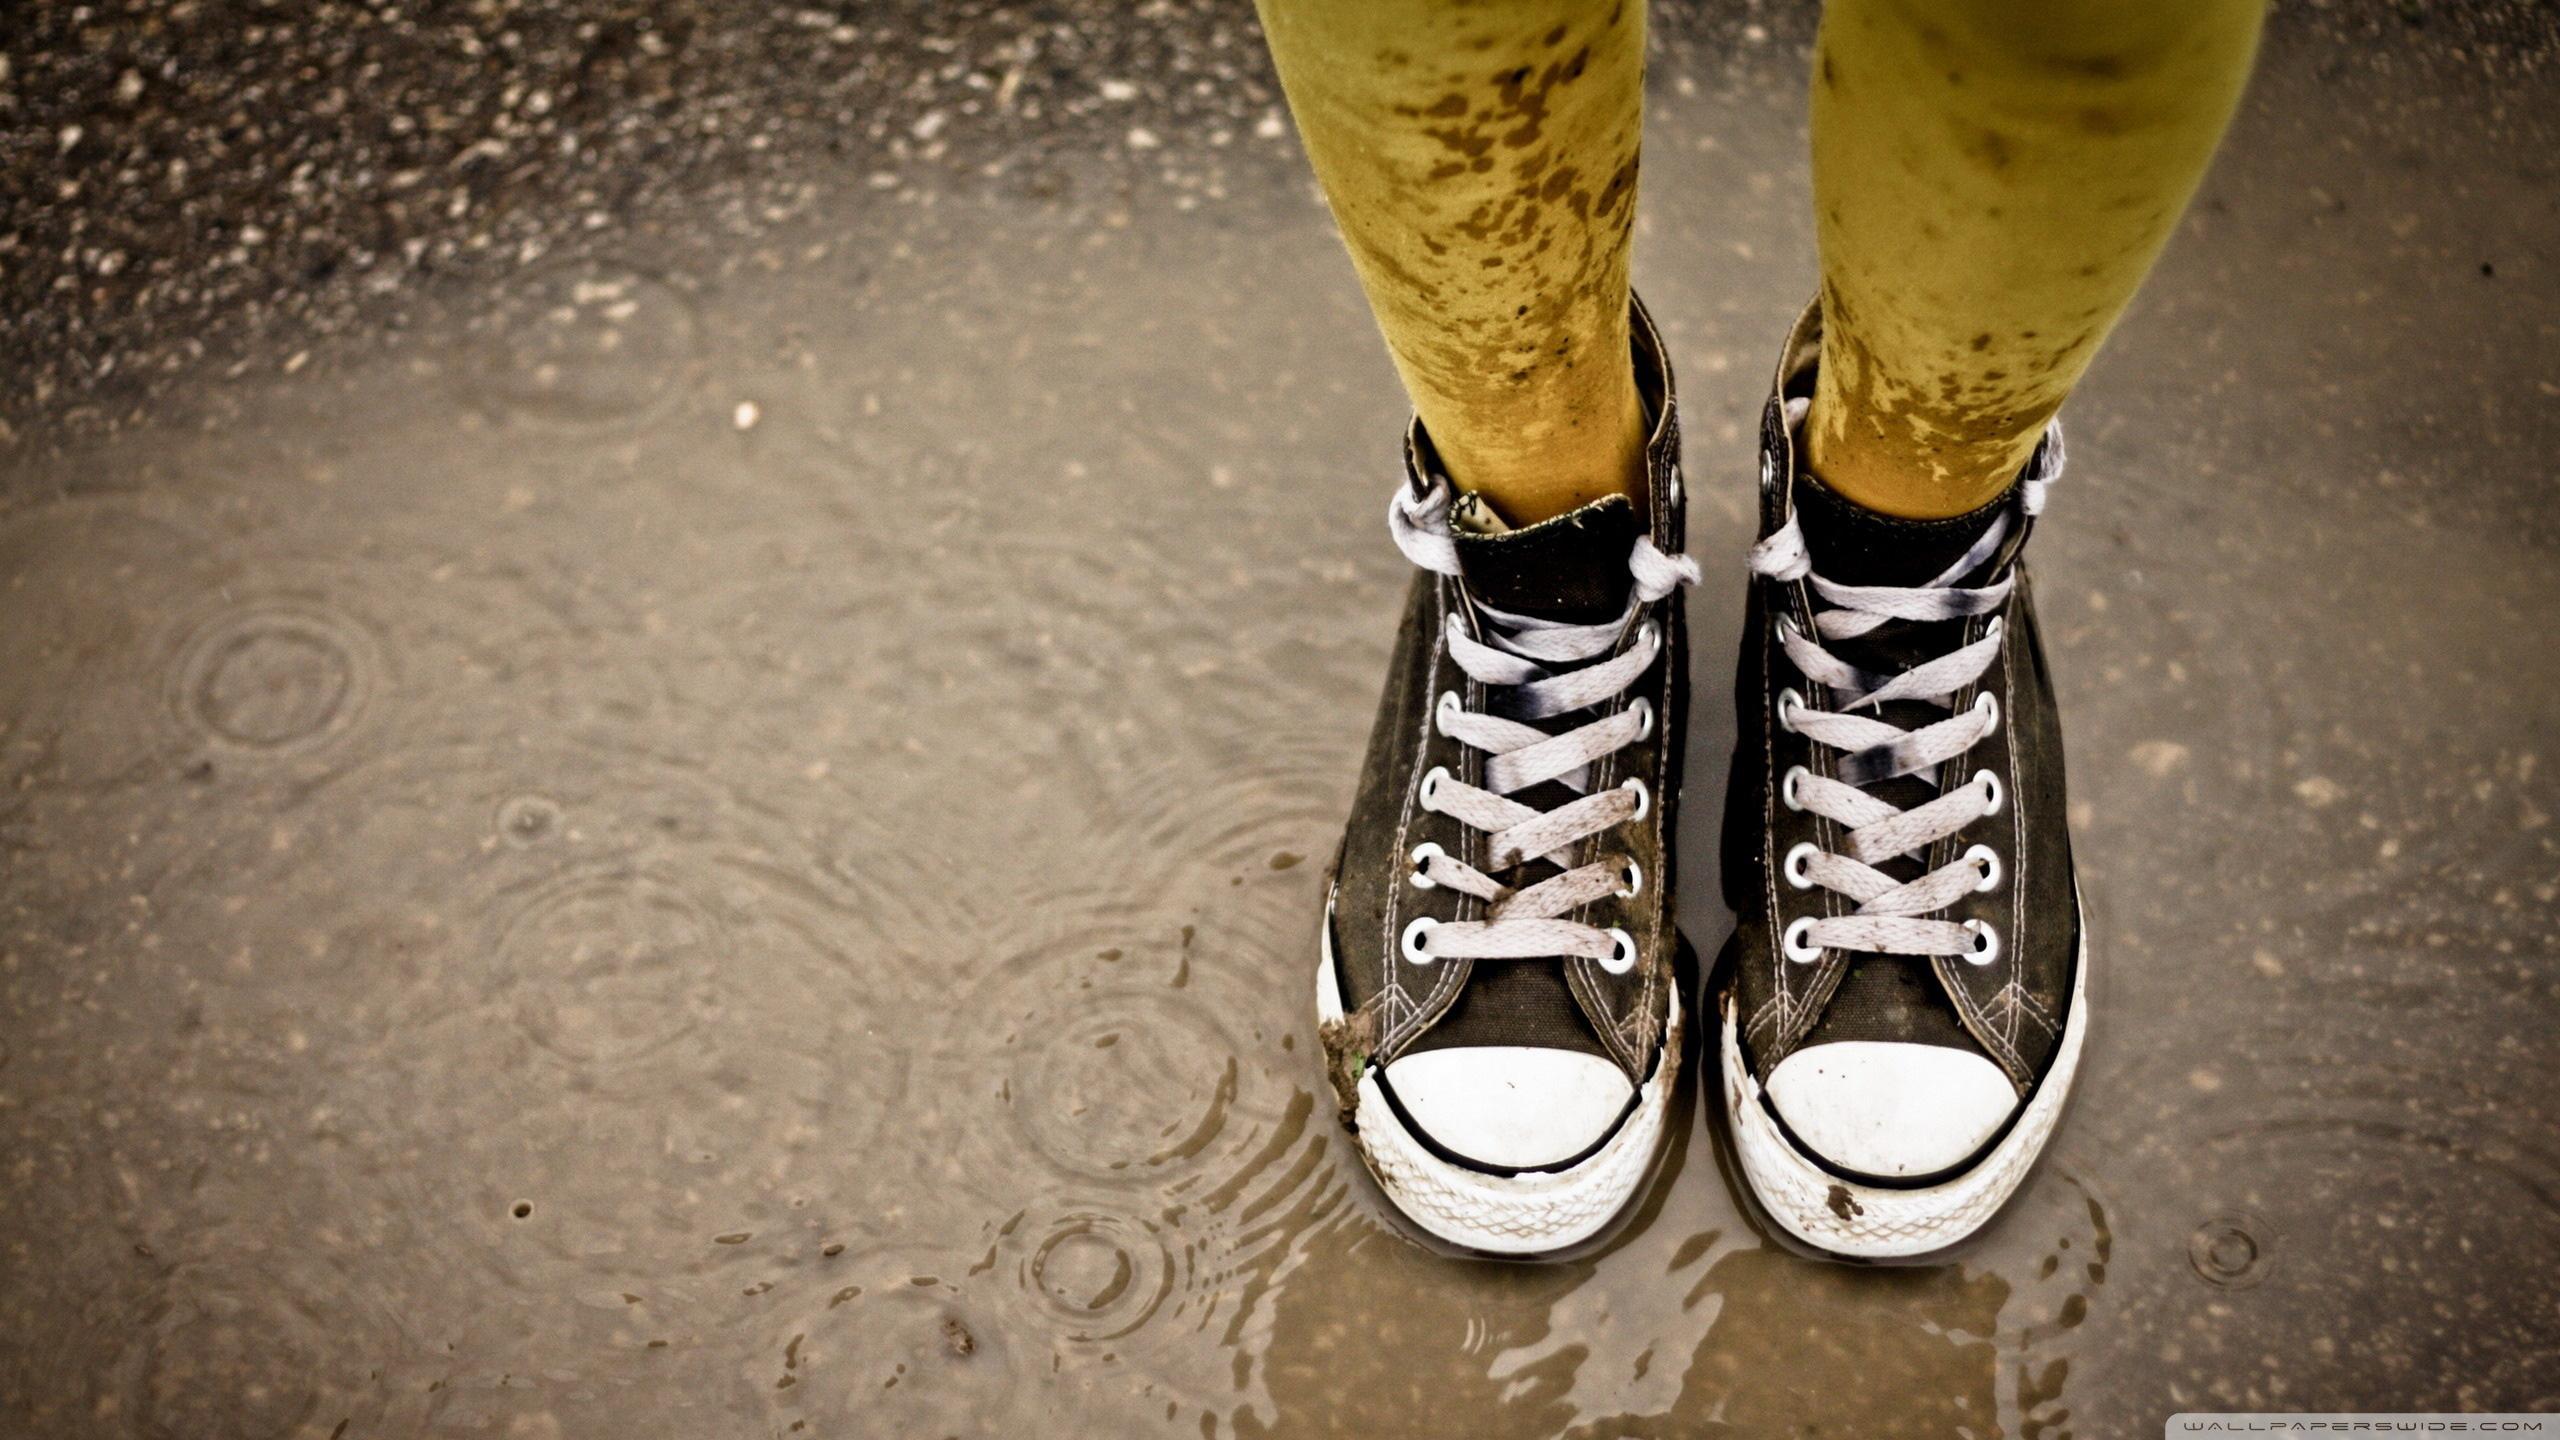 wet_sneakers-wallpaper-2560×1440